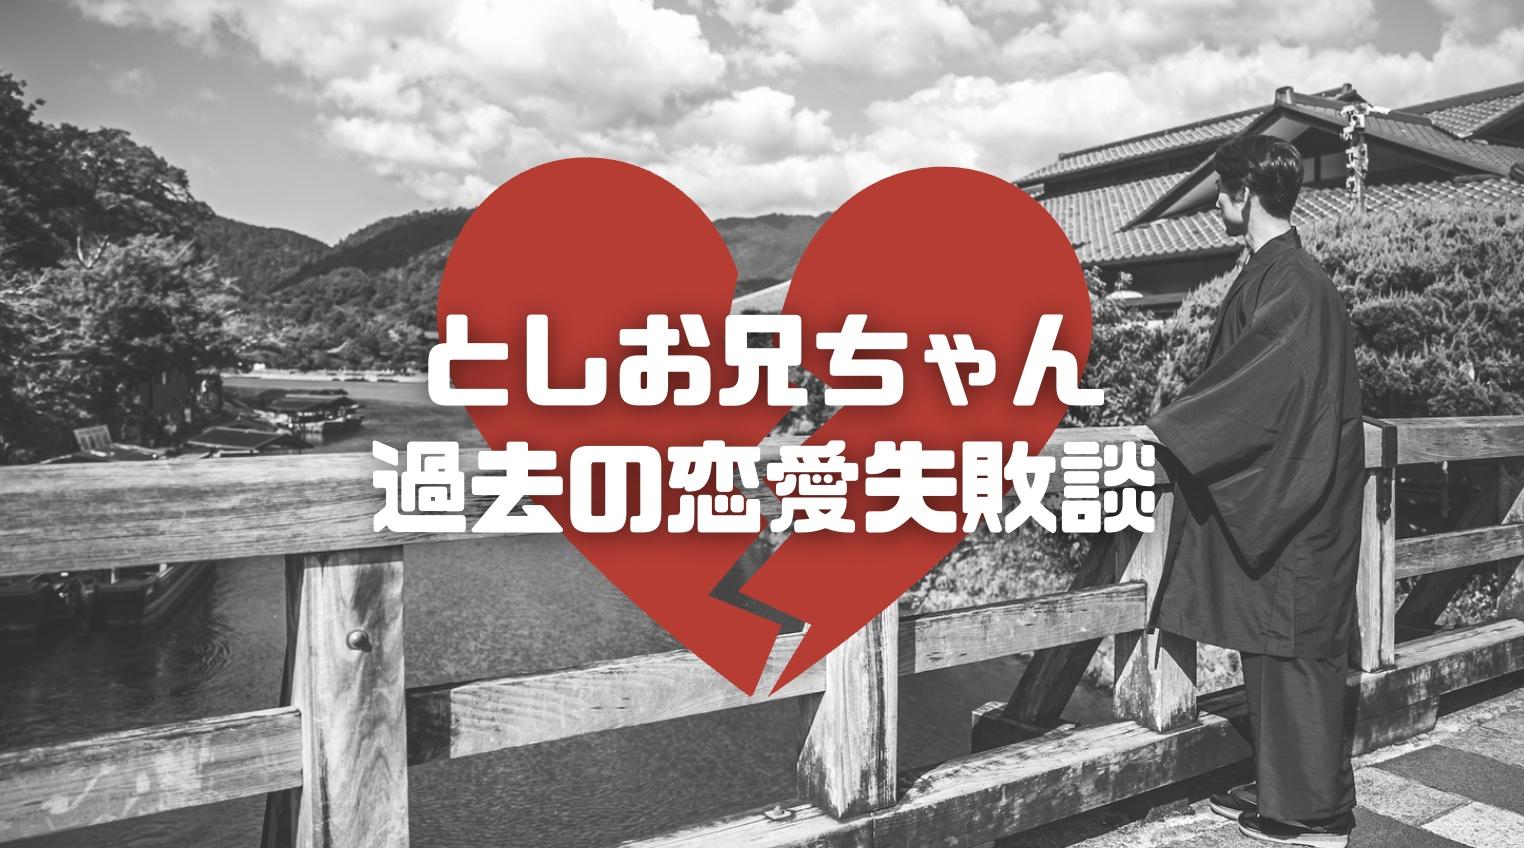 元カノ閲覧禁止 としお兄ちゃんが恋愛で犯した3つの失敗 アイキャッチ画像